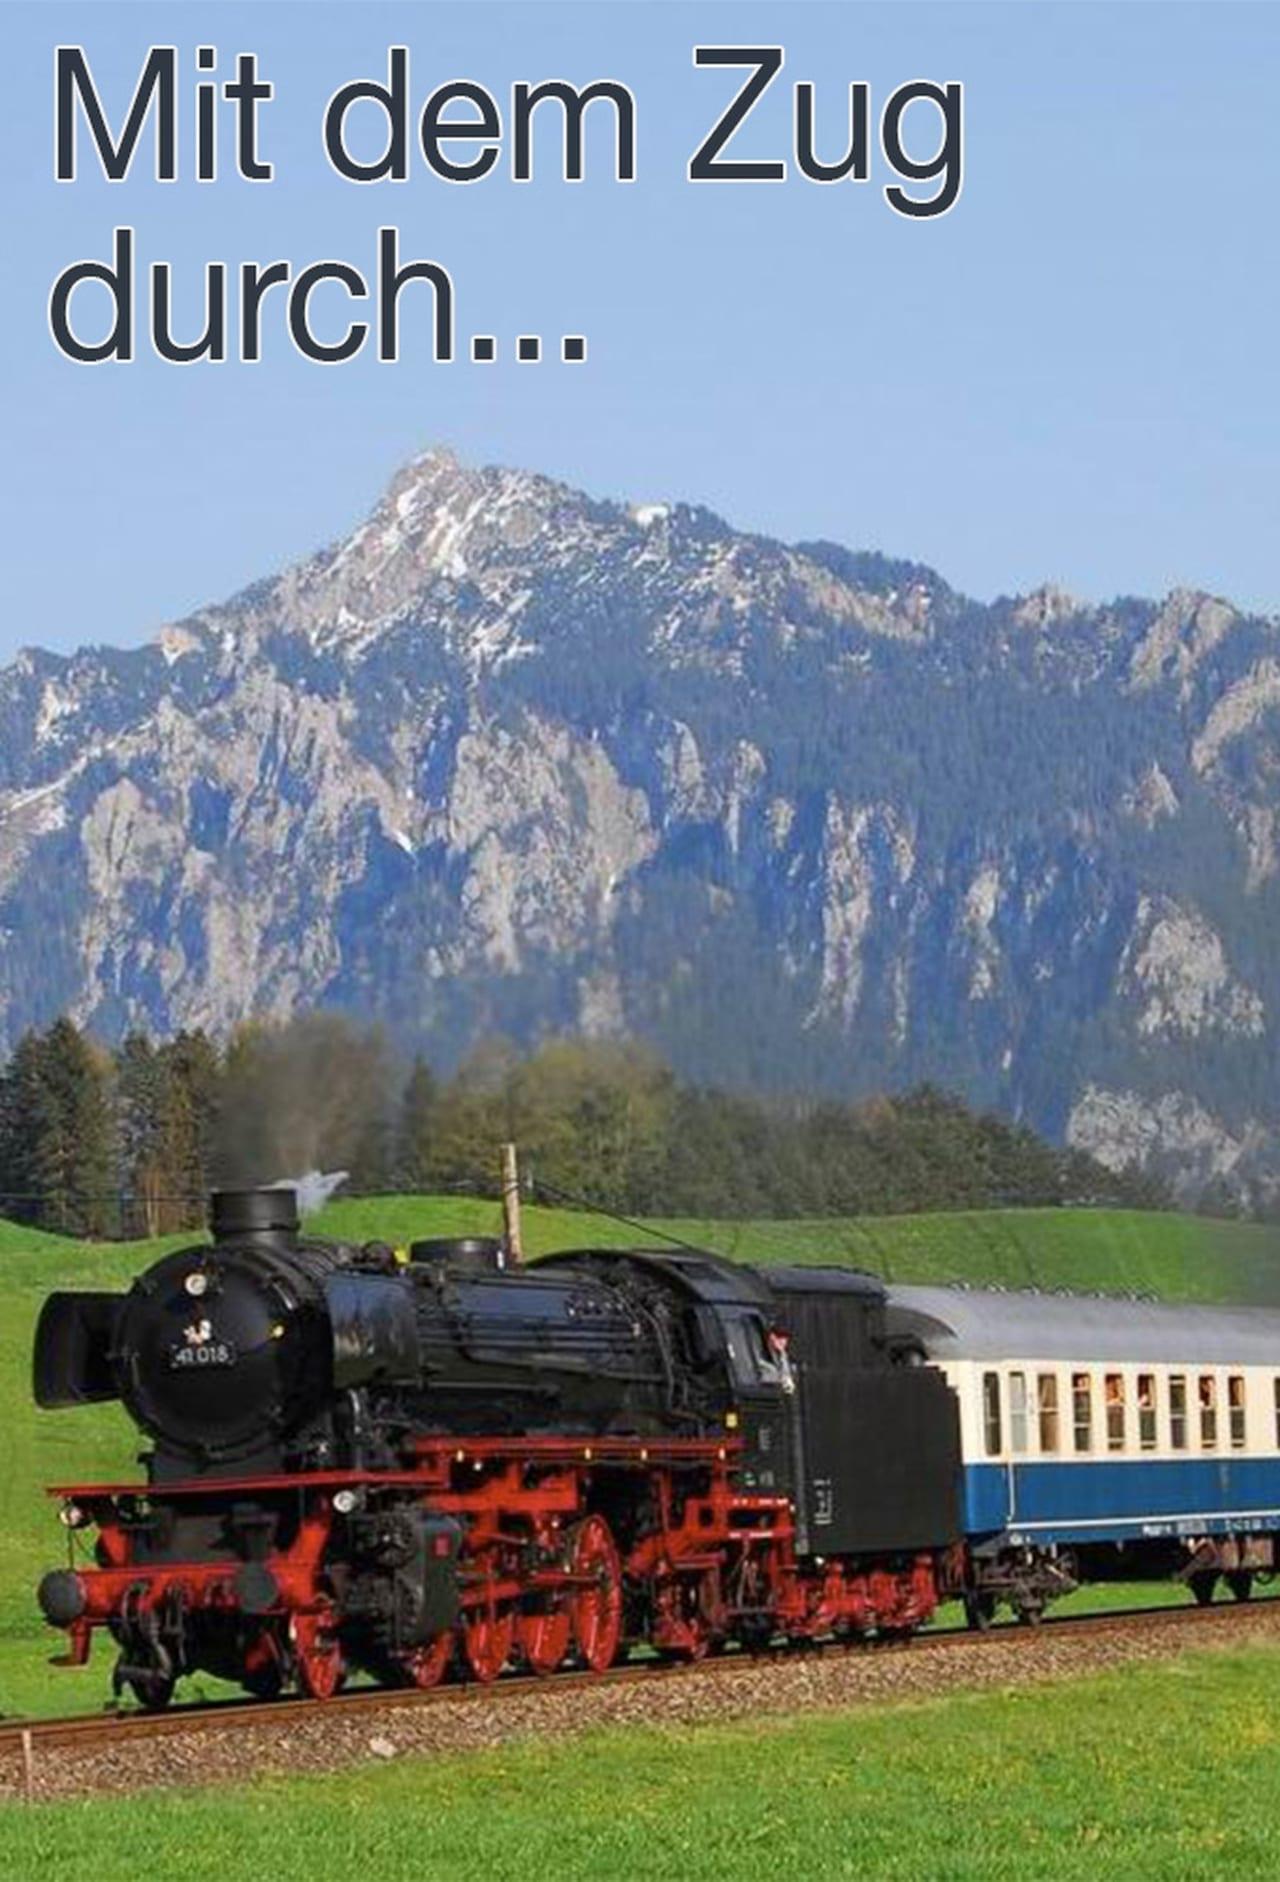 Mit dem Zug durch ...